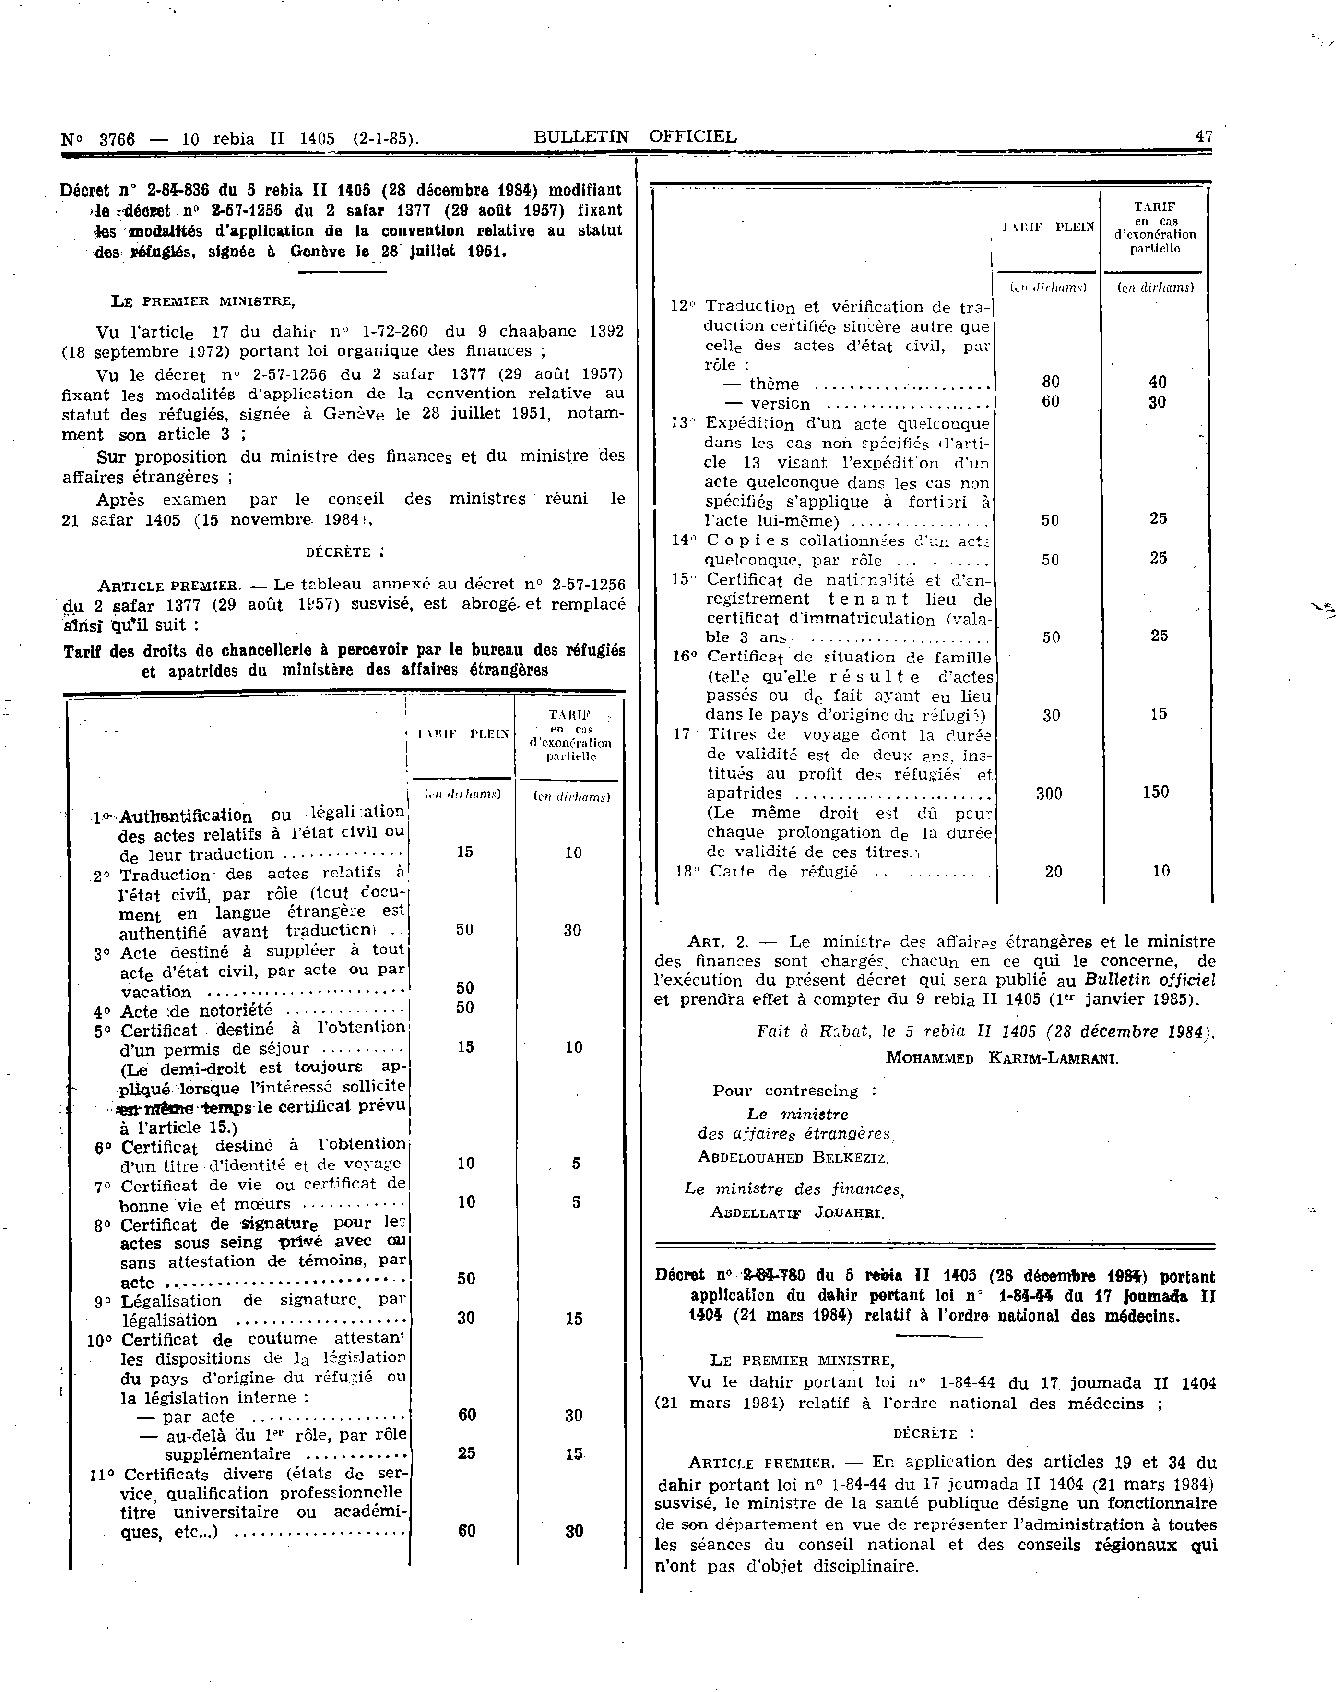 les-prix-maxima-des-acte-et-service-medicaux-dans-le-secteur-prive-047